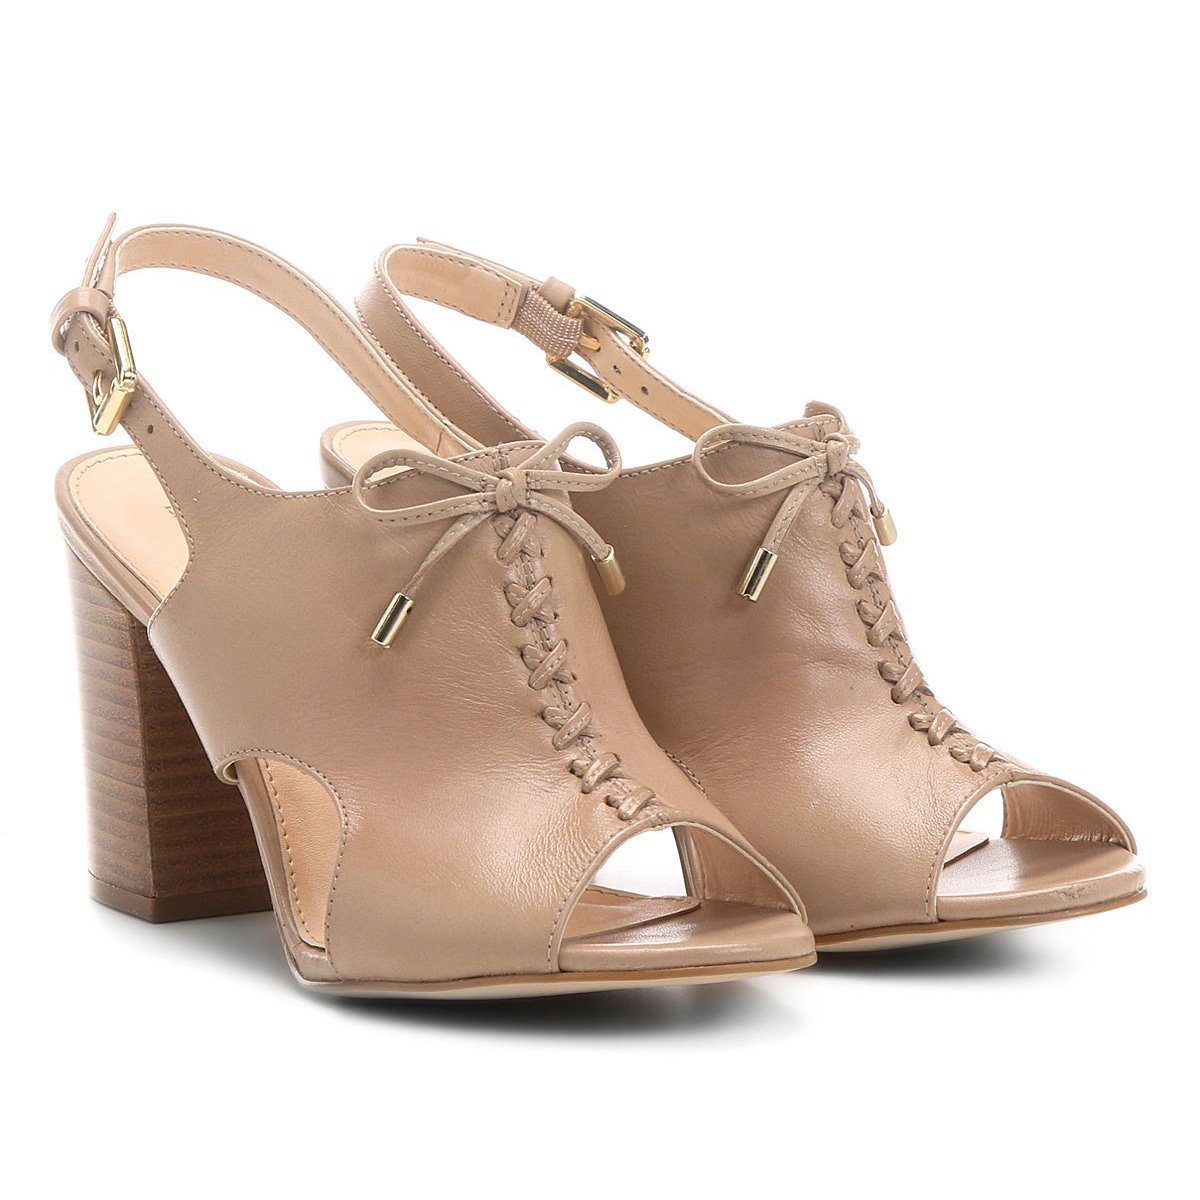 813b861da Sandália Couro Shoestock Salto Grosso Trançada Feminina | Shoestock